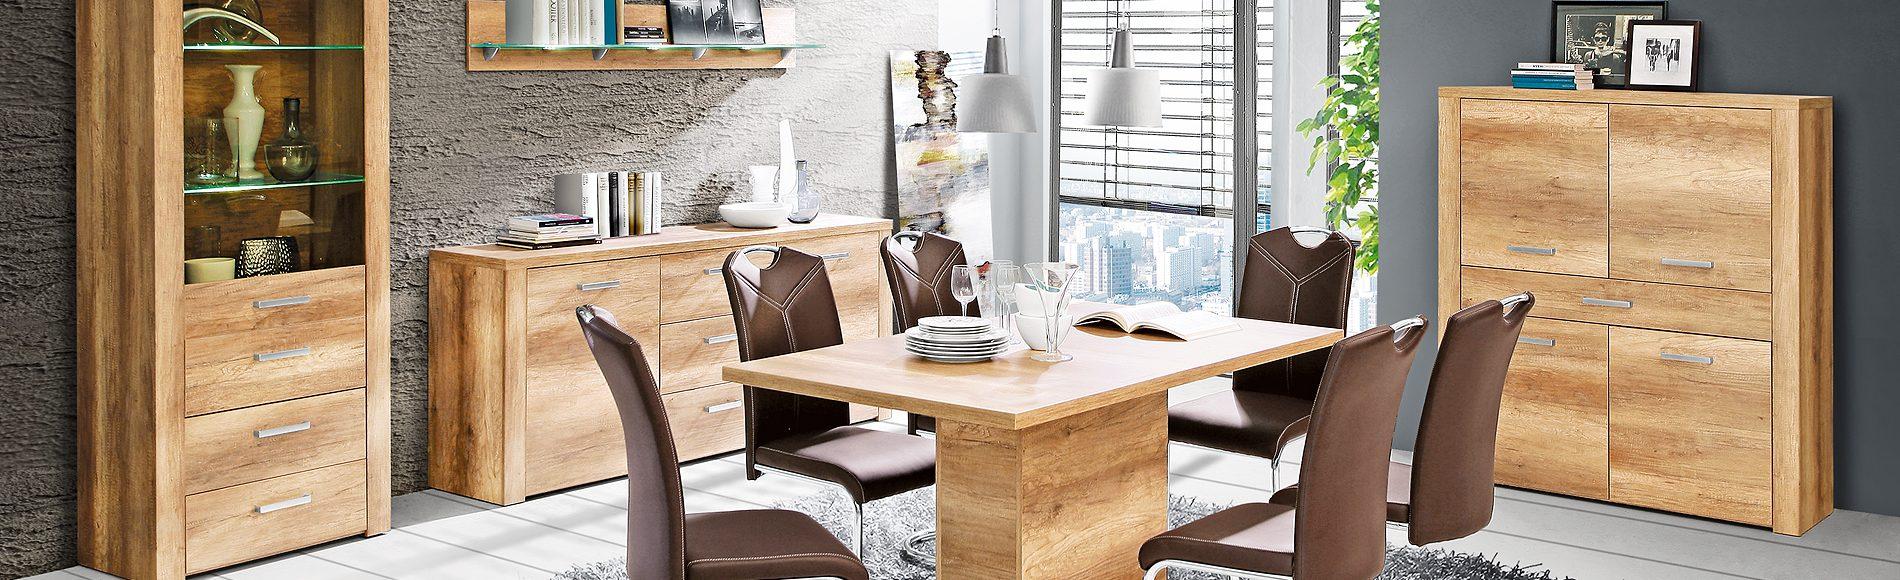 mbel kaufen gnstig affordable tvbank wei with mbel kaufen gnstig elegant kchen bei mbel boss. Black Bedroom Furniture Sets. Home Design Ideas